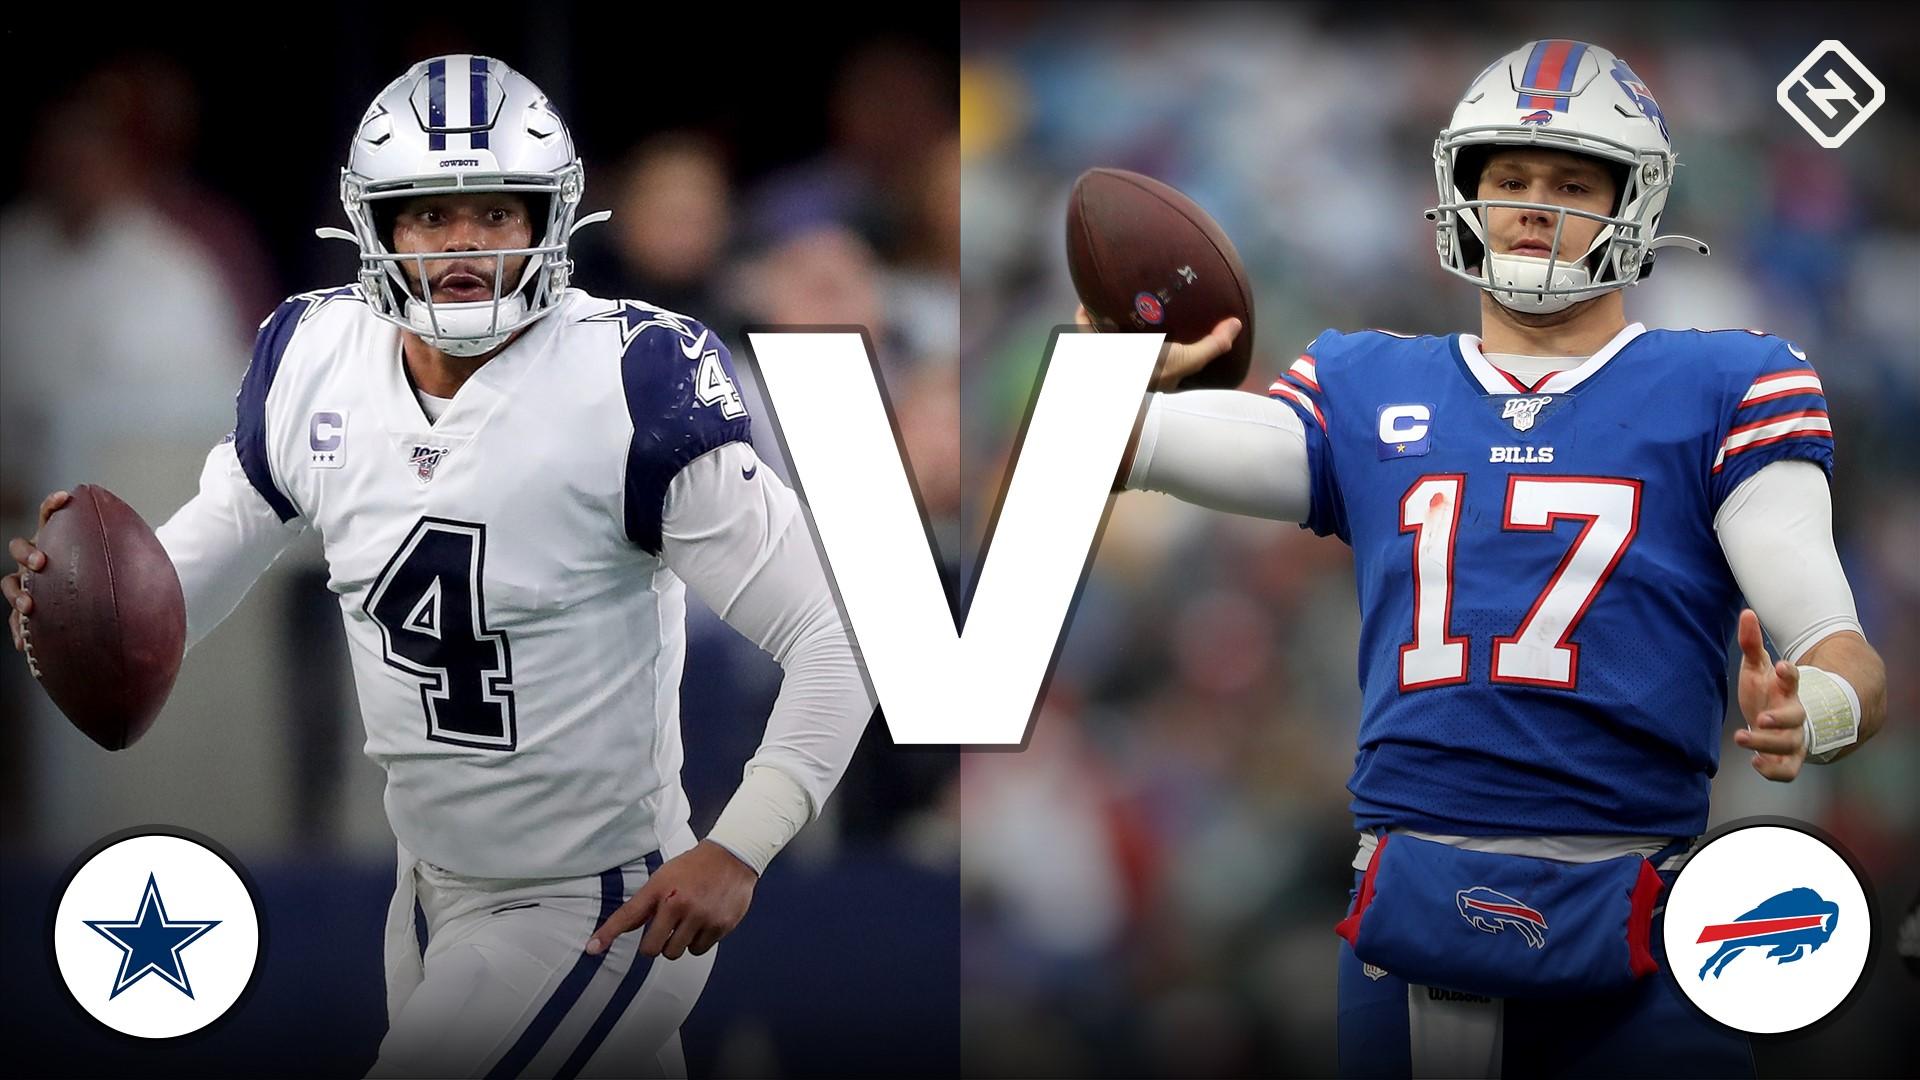 Cowboys vs.Bills: puntuación en vivo, actualizaciones, aspectos destacados del juego de Acción de Gracias de la NFL 2019 2